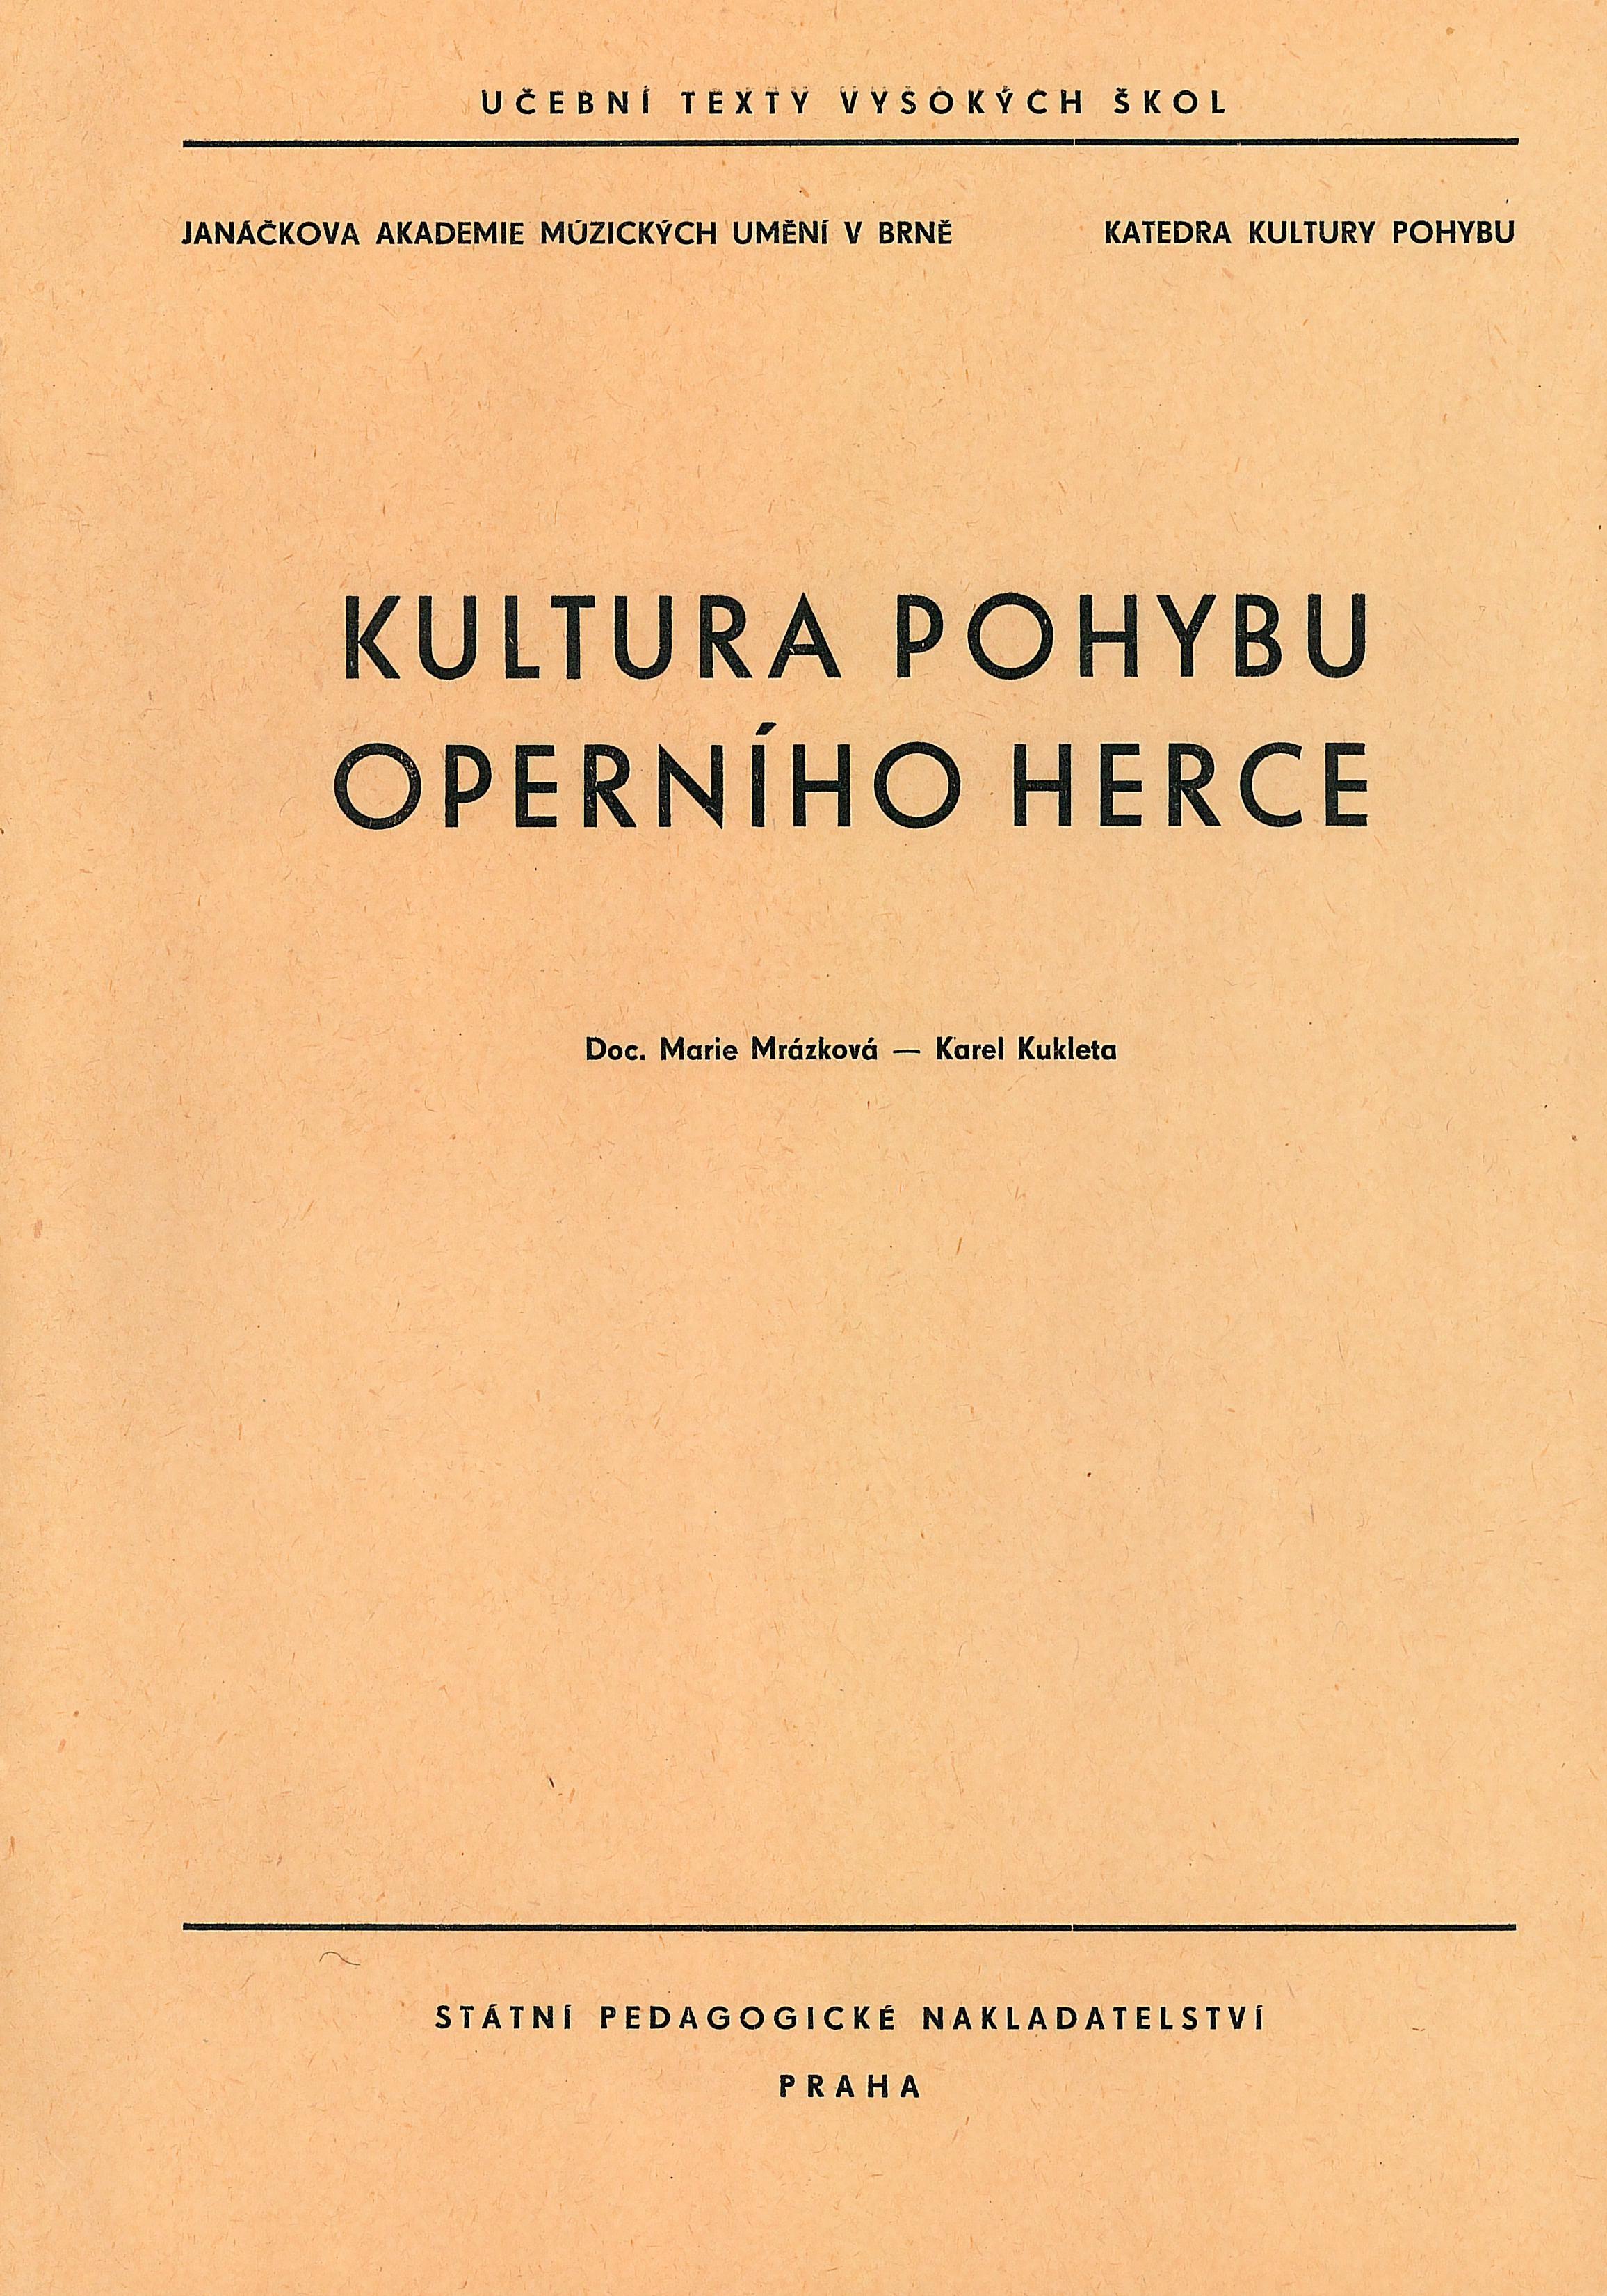 Kultura pohybu operního herce